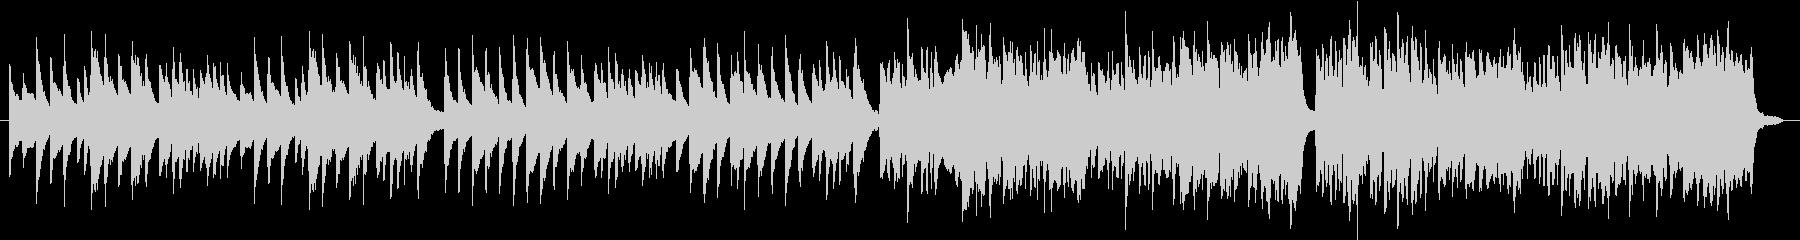 お正月の歌「一月一日」(琴,笛)の未再生の波形